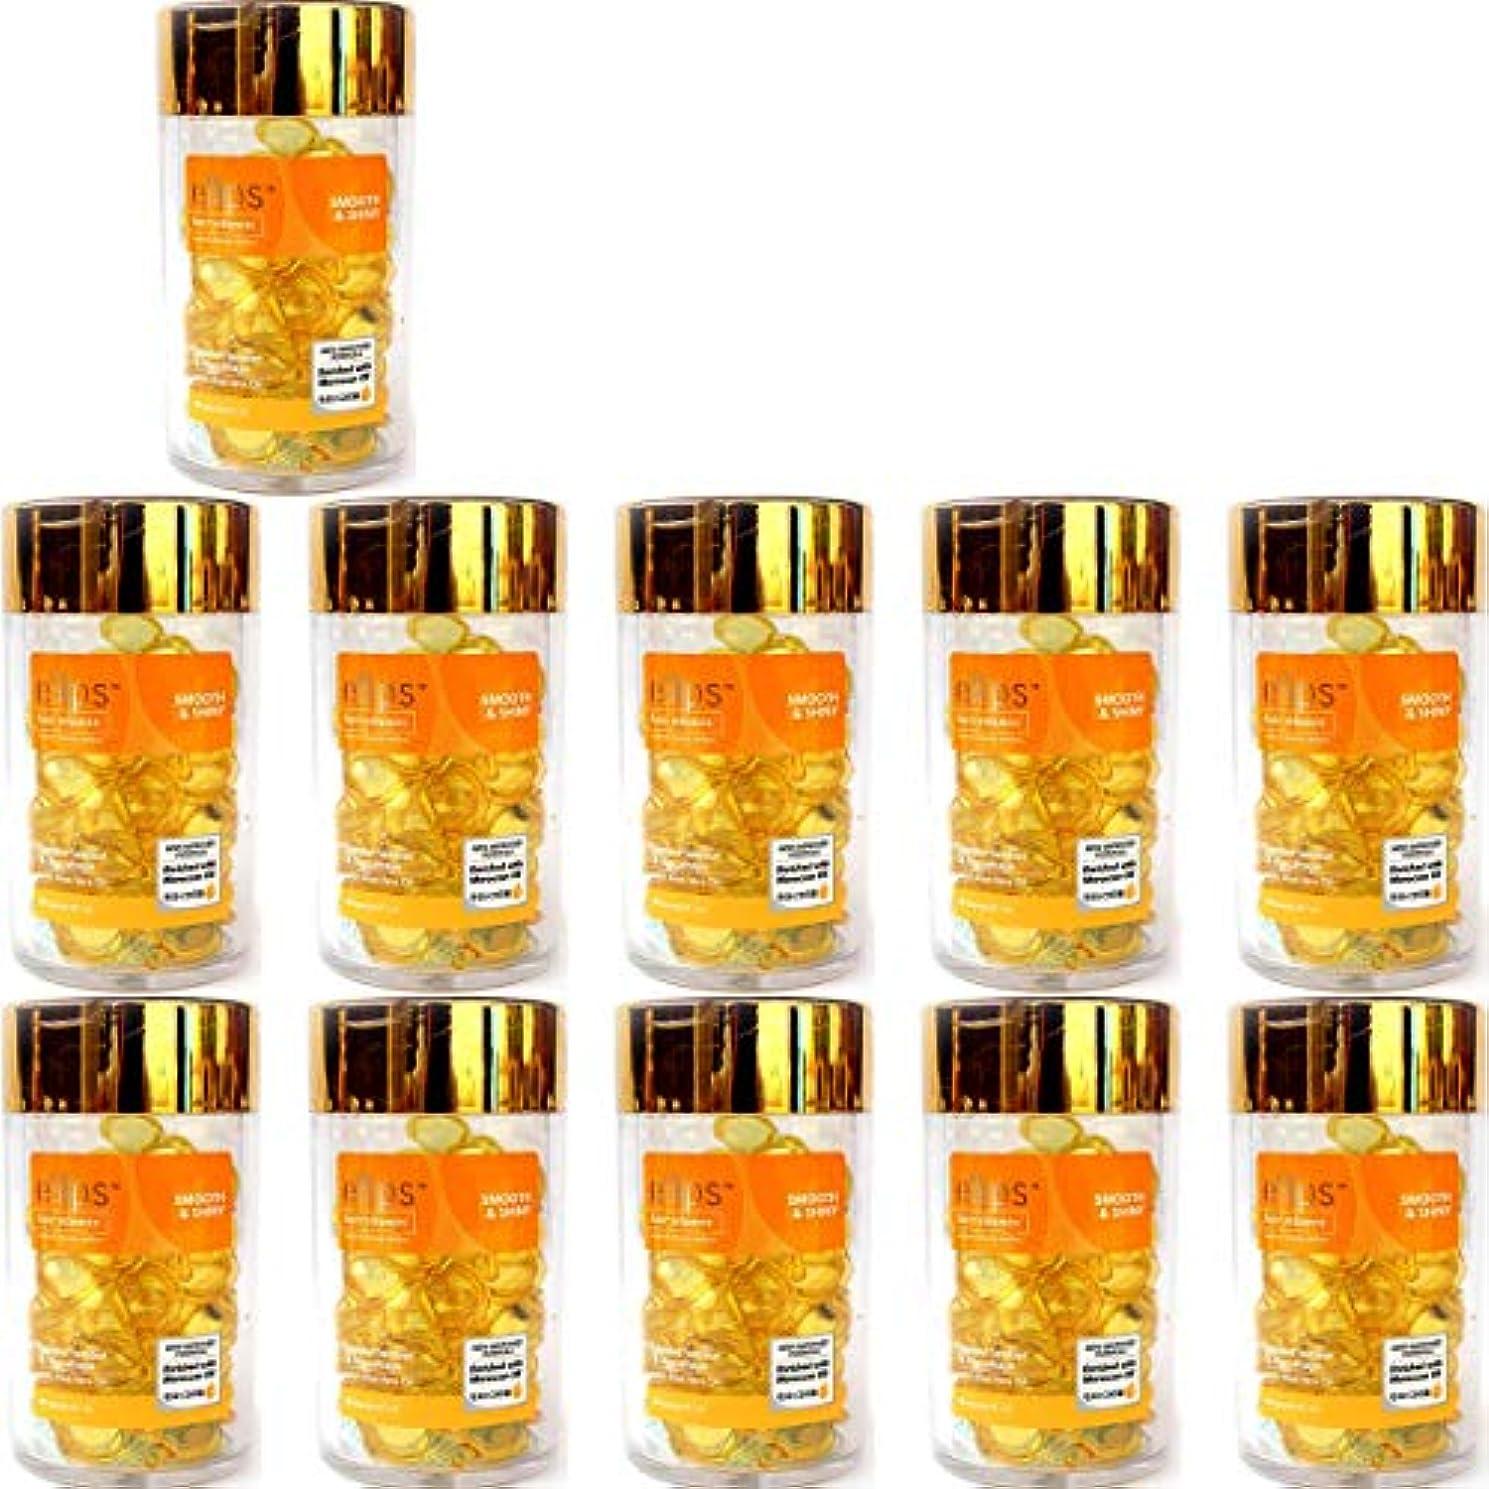 ブラウン提供感染するellips エリプス ヘアビタミン ヘアオイル エリップス トリートメント ナチュラルシリーズ 50粒入ボトル イエロー 11個セット [海外直送品]